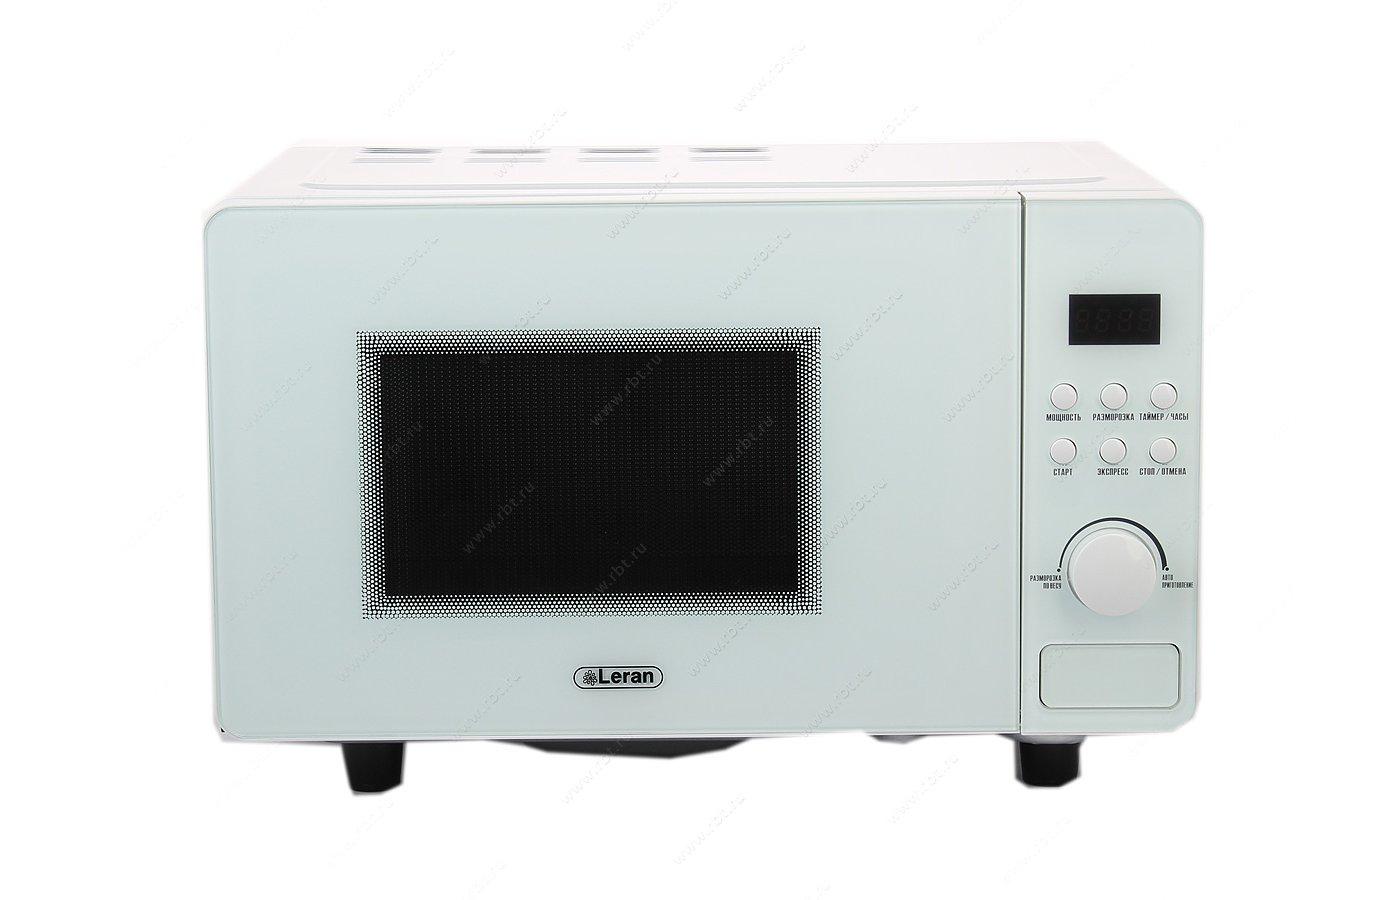 Микроволновая печь LERAN FMO 2055 WG